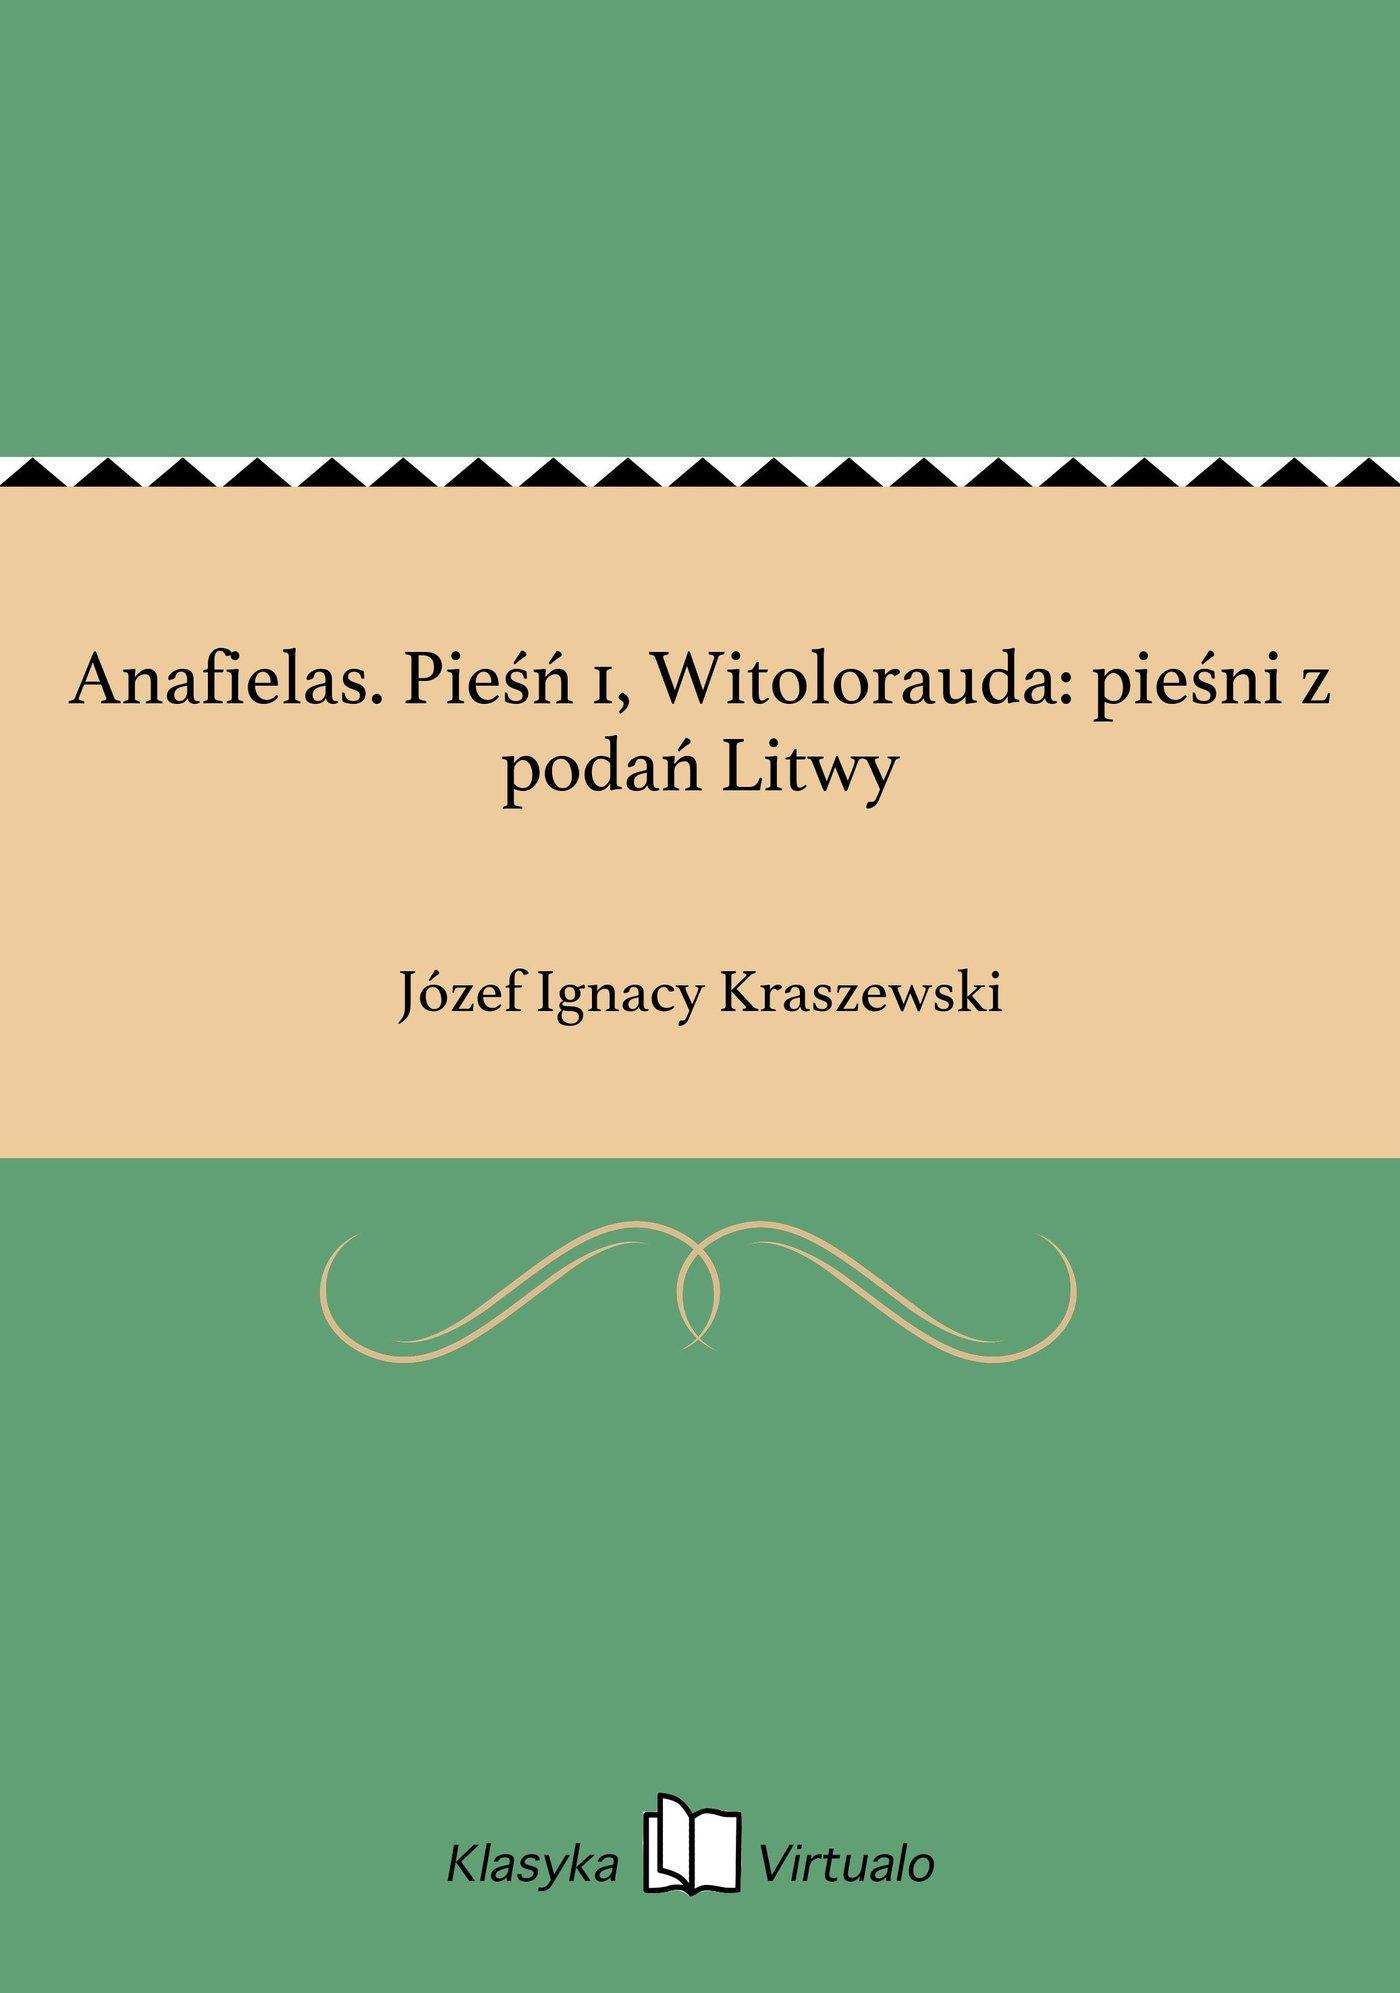 Anafielas. Pieśń 1, Witolorauda: pieśni z podań Litwy - Ebook (Książka EPUB) do pobrania w formacie EPUB